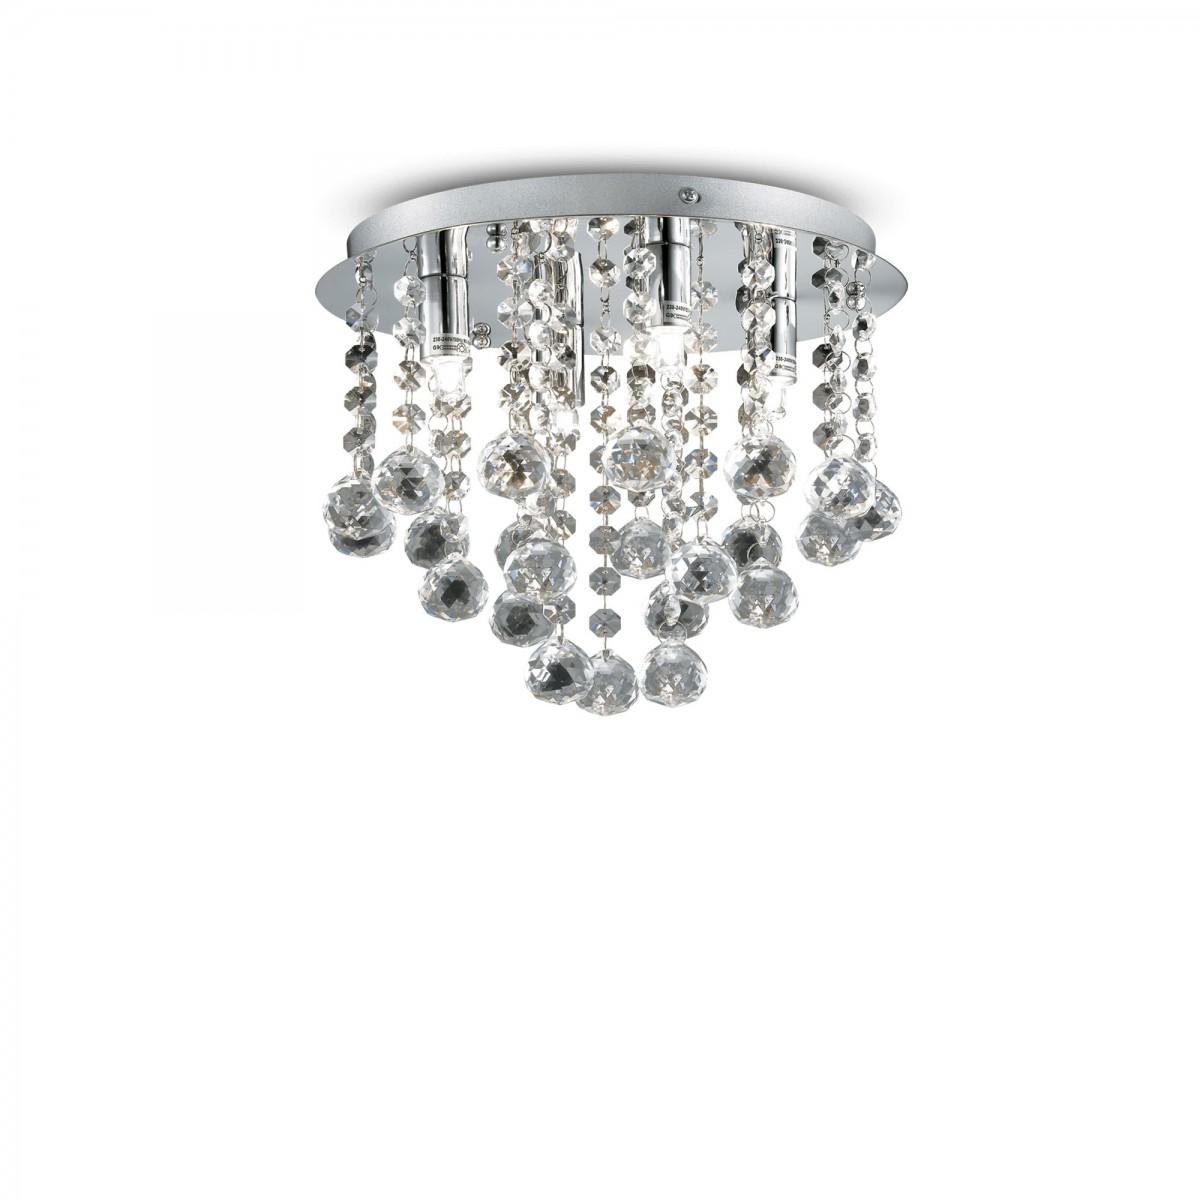 přisazené stropní svítidlo Ideal lux Bijoux PL4 089478 4x40W G9 - šperk domova